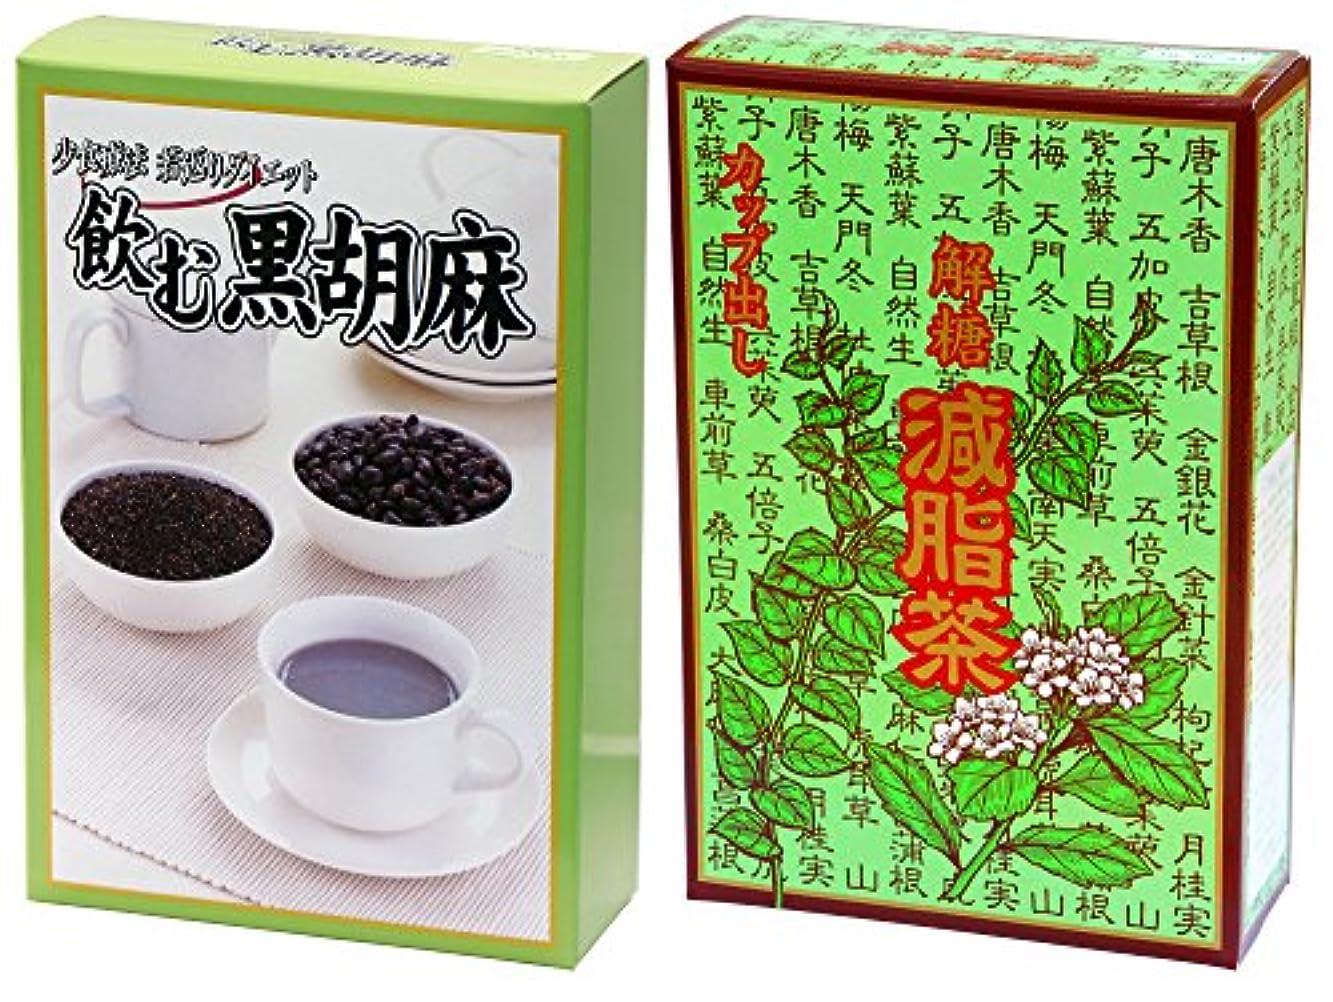 うれしい区別栄養自然健康社 飲む黒胡麻?箱 16食 + 減脂茶?箱 64パック